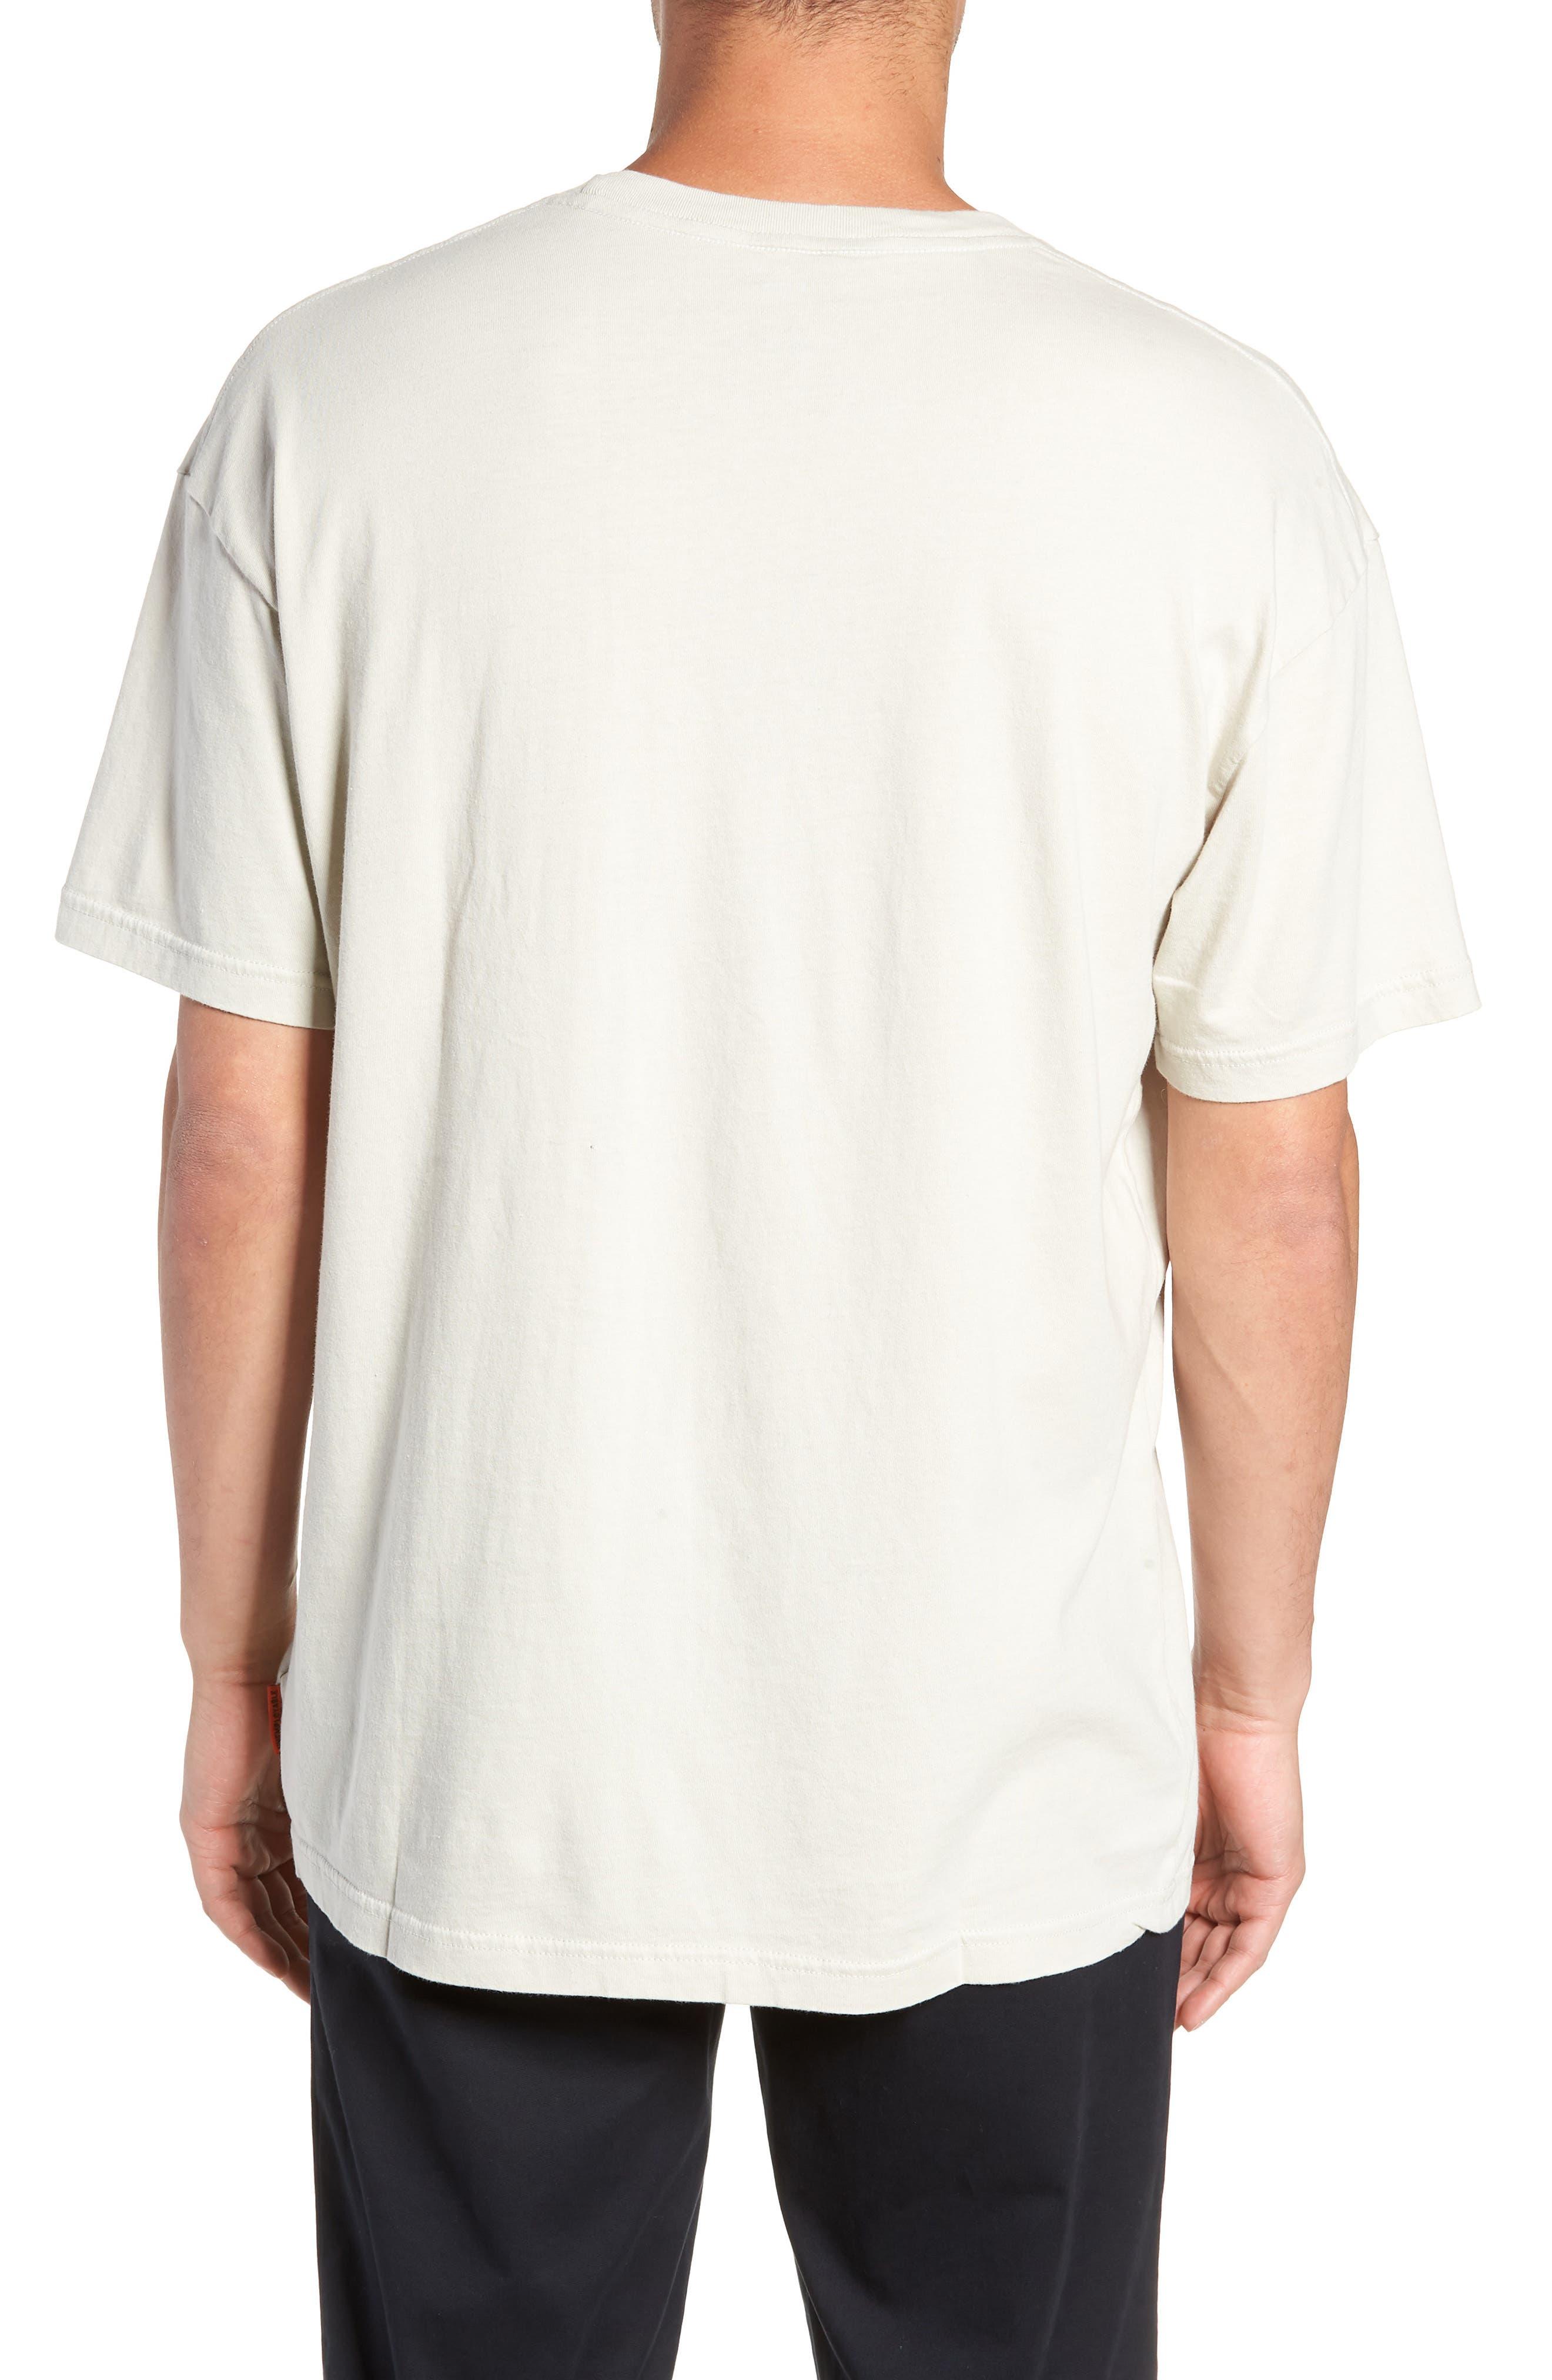 GLOBE,                             Unemployable Captain T-Shirt,                             Alternate thumbnail 2, color,                             900